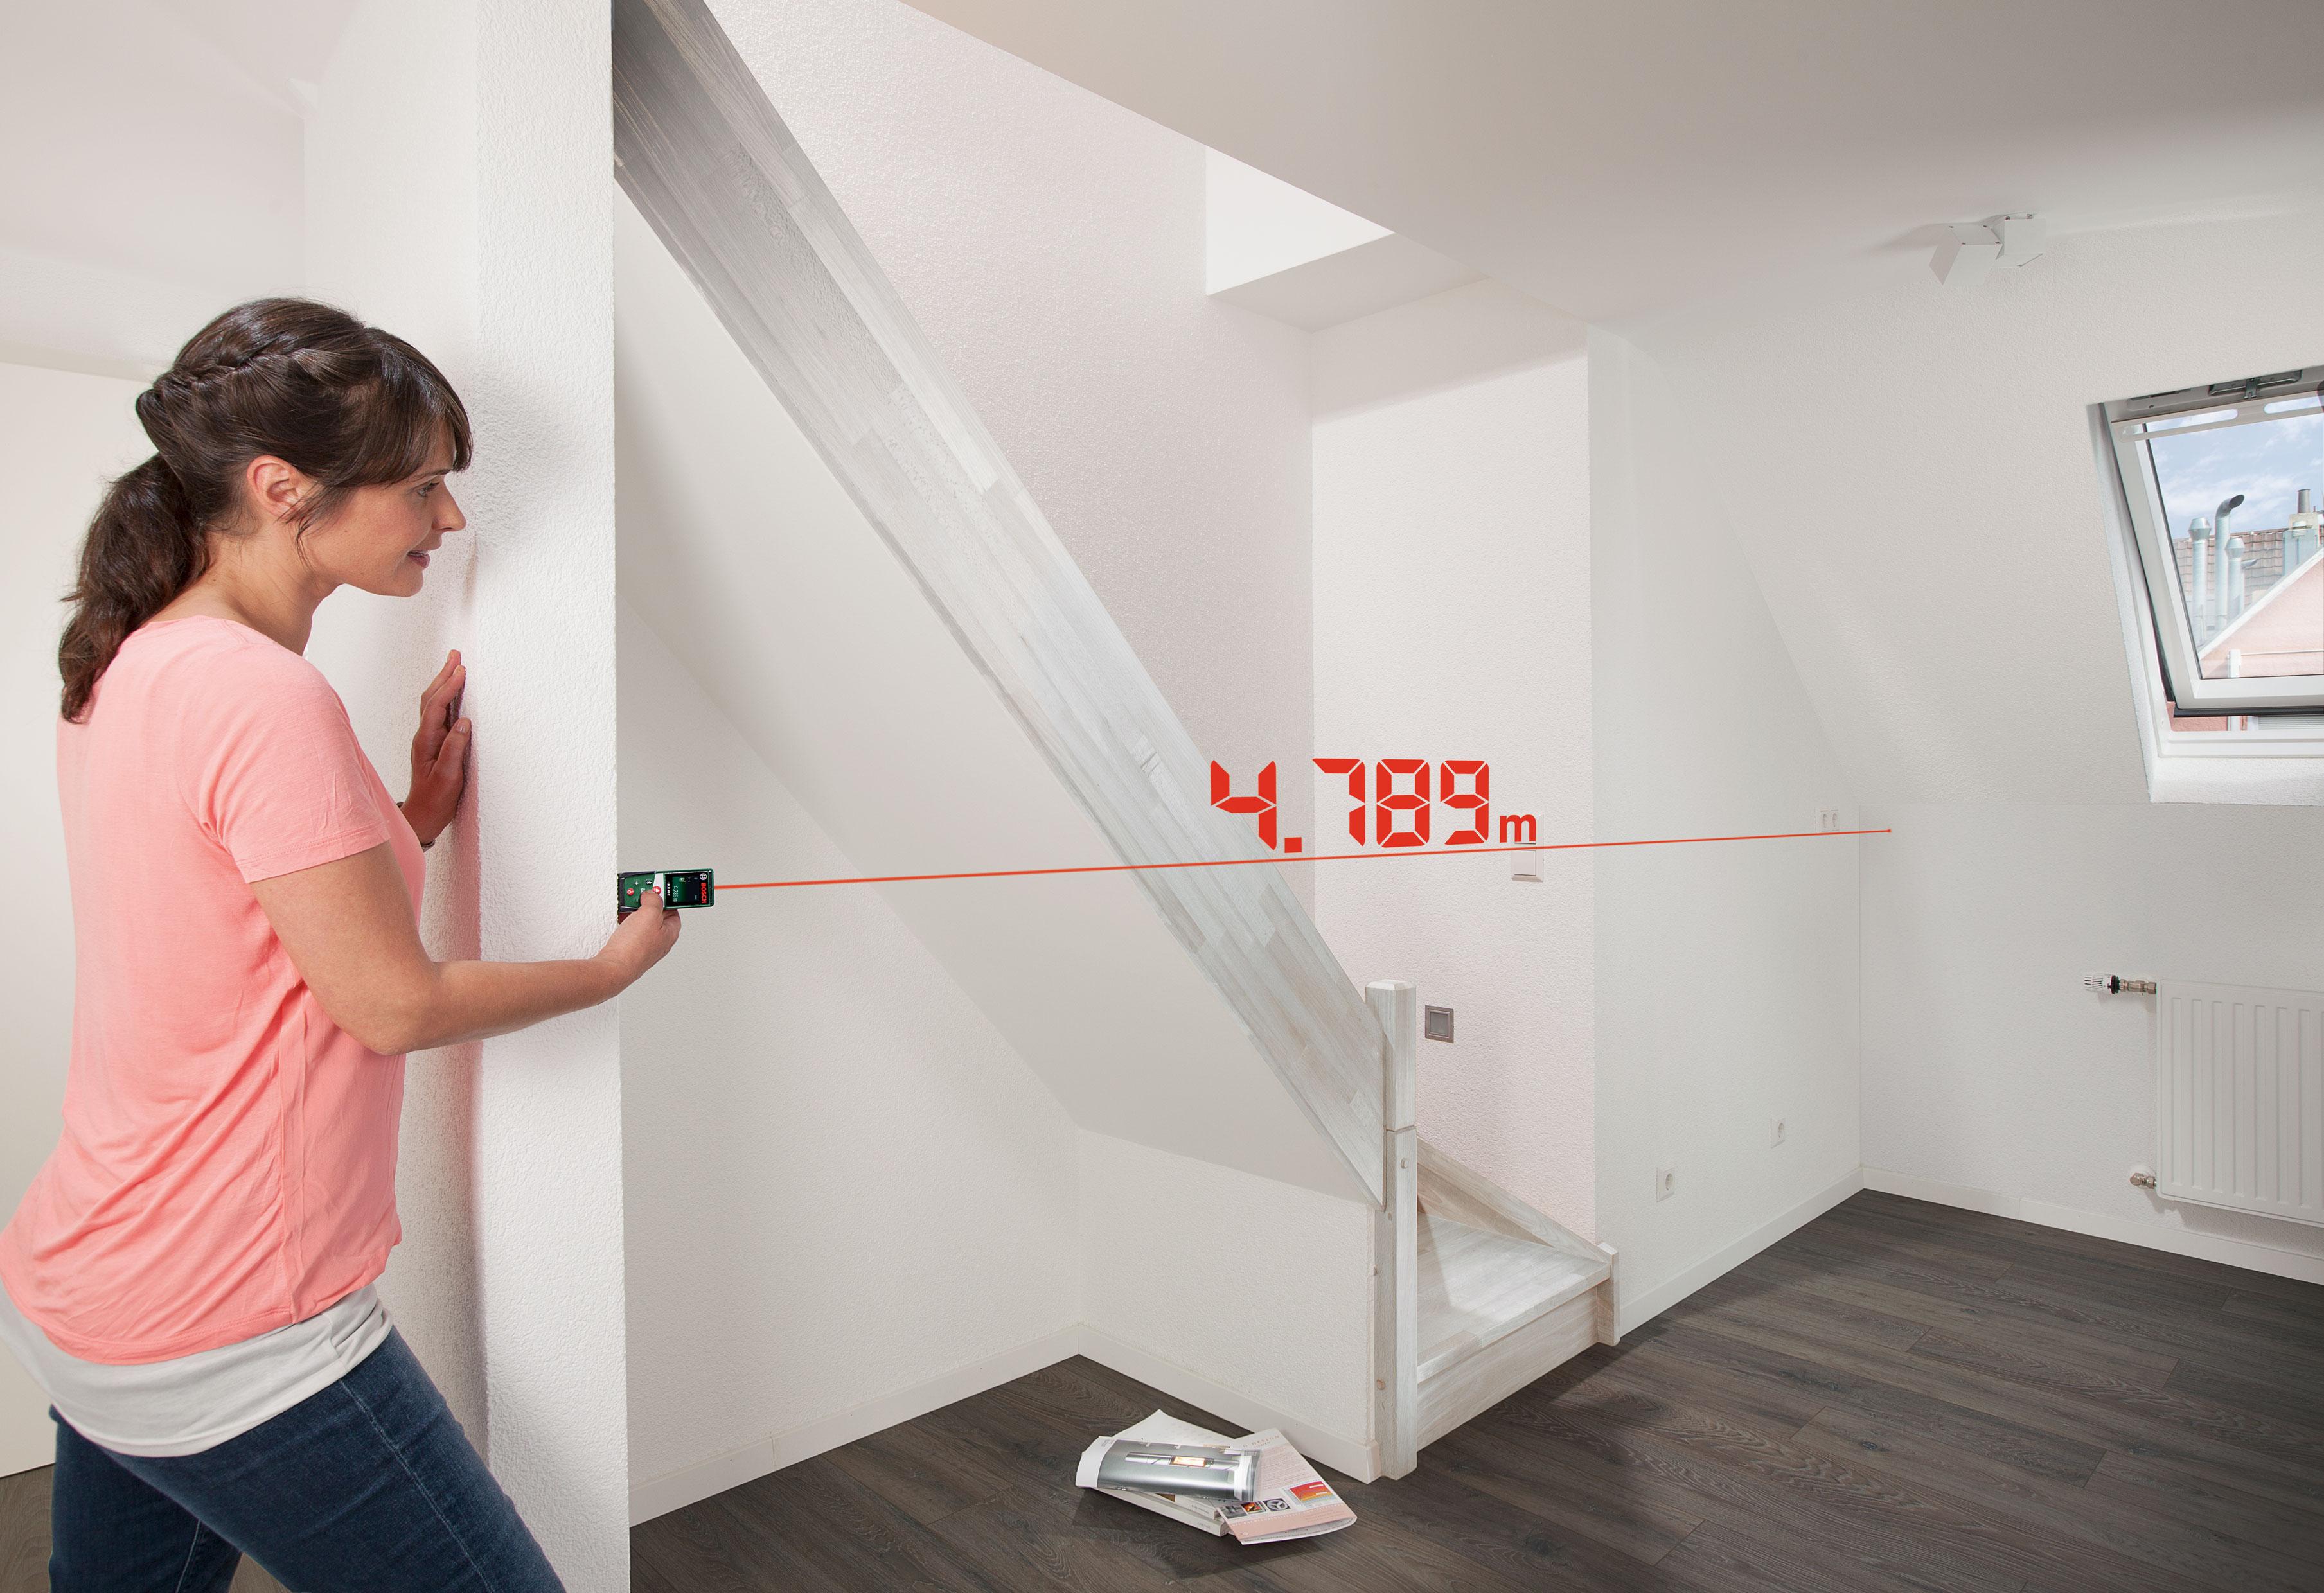 Bosch laser entfernungsmesser plr c bei edingershops